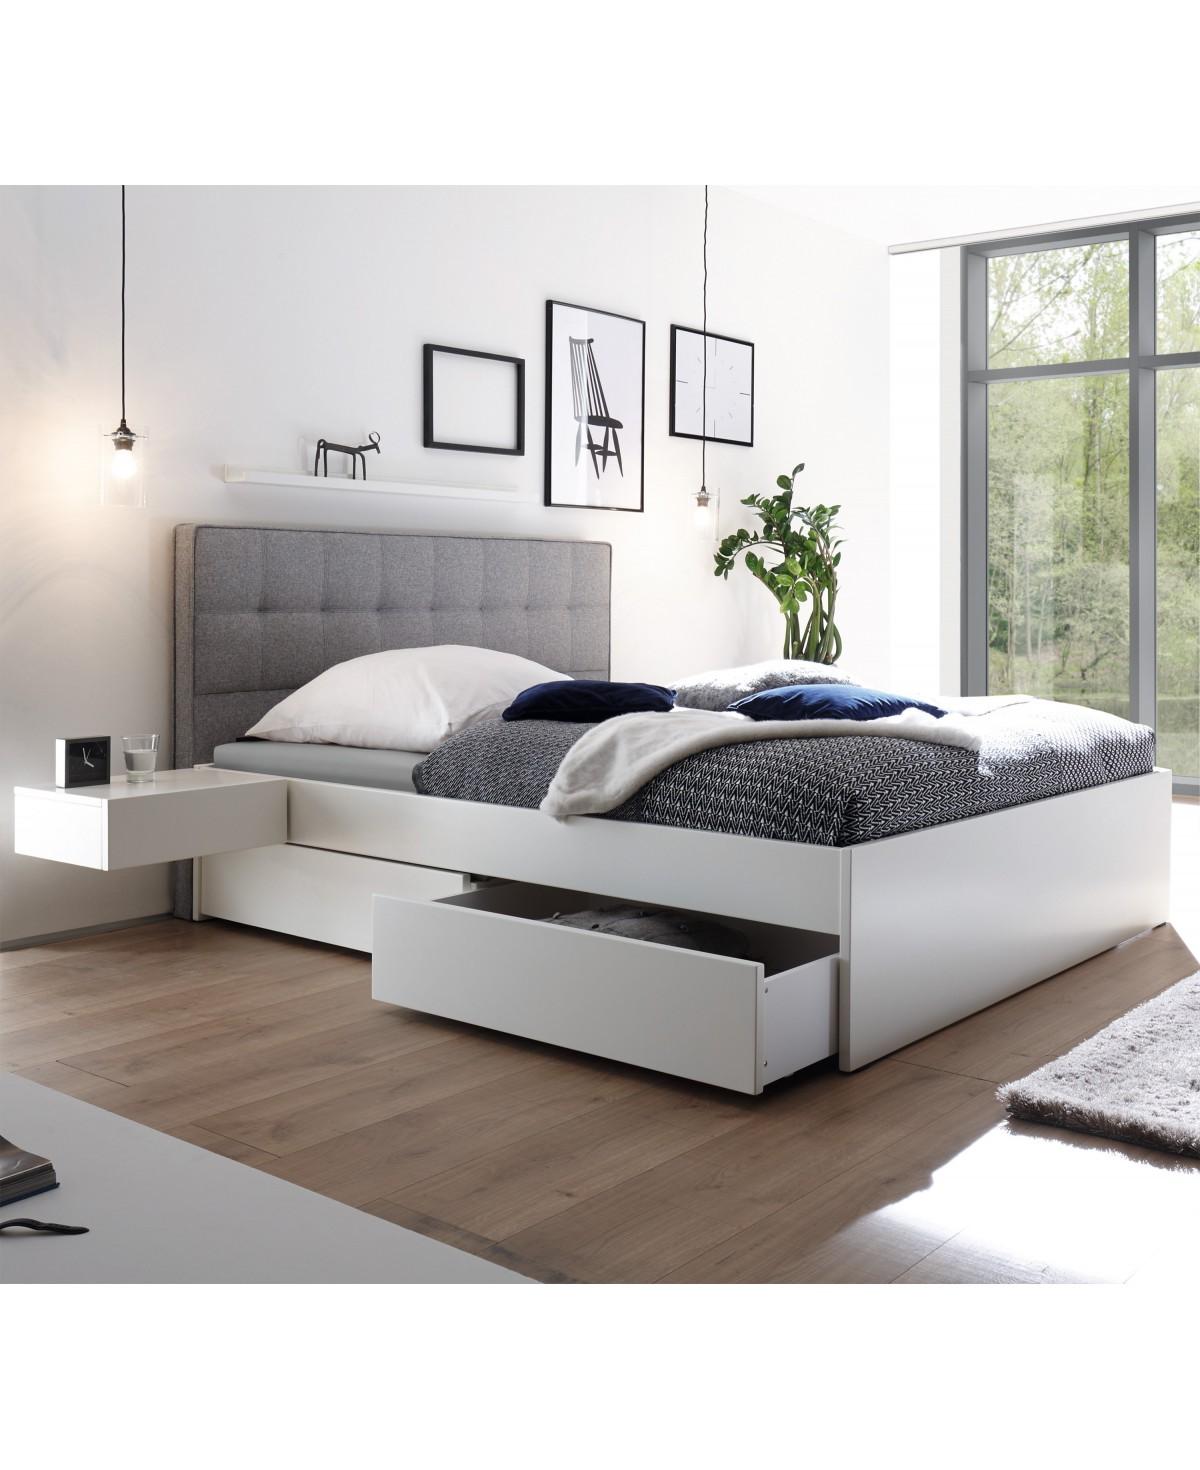 Full Size of Bett 200x200 Mit Bettkasten Halbhohes Lattenrost Betten München Hunde Barock 140 Mädchen Massiv Tempur Breit Aus Holz Modern Design Vintage Günstig Bett Bett Schlicht